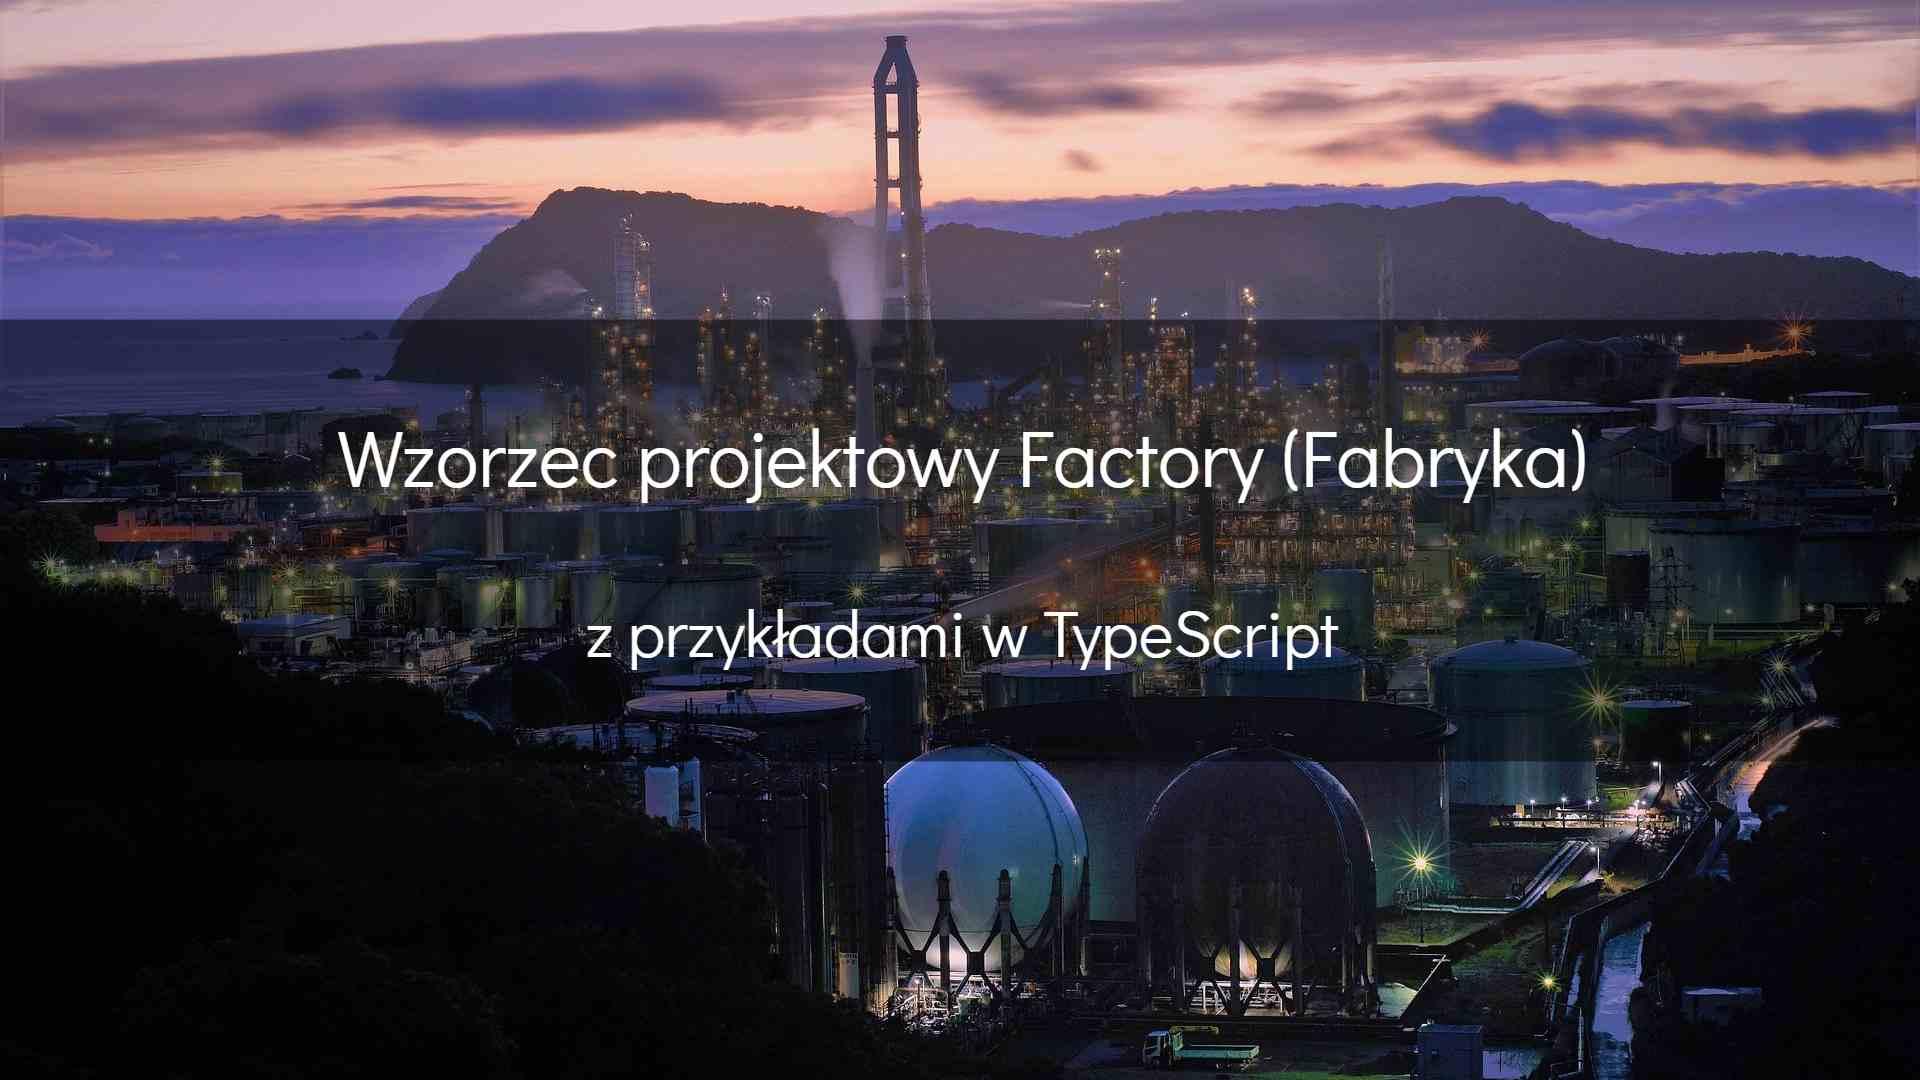 Wzorzec projektowy Factory (Fabryka)